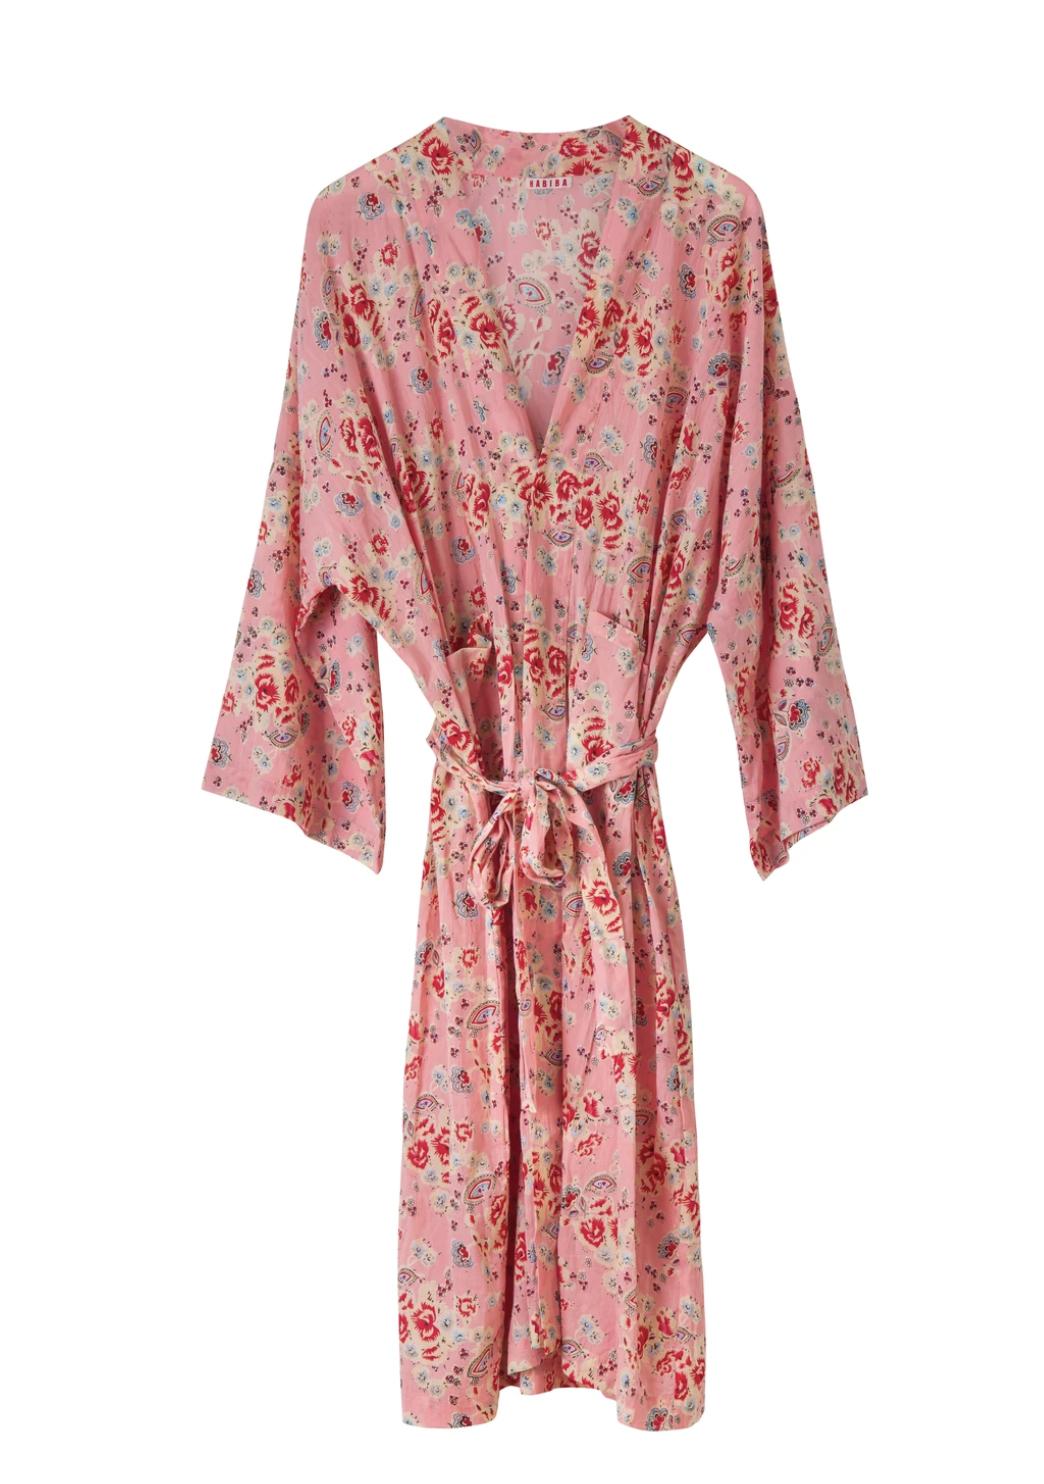 HABIBA - Yoko Kimono, Blush